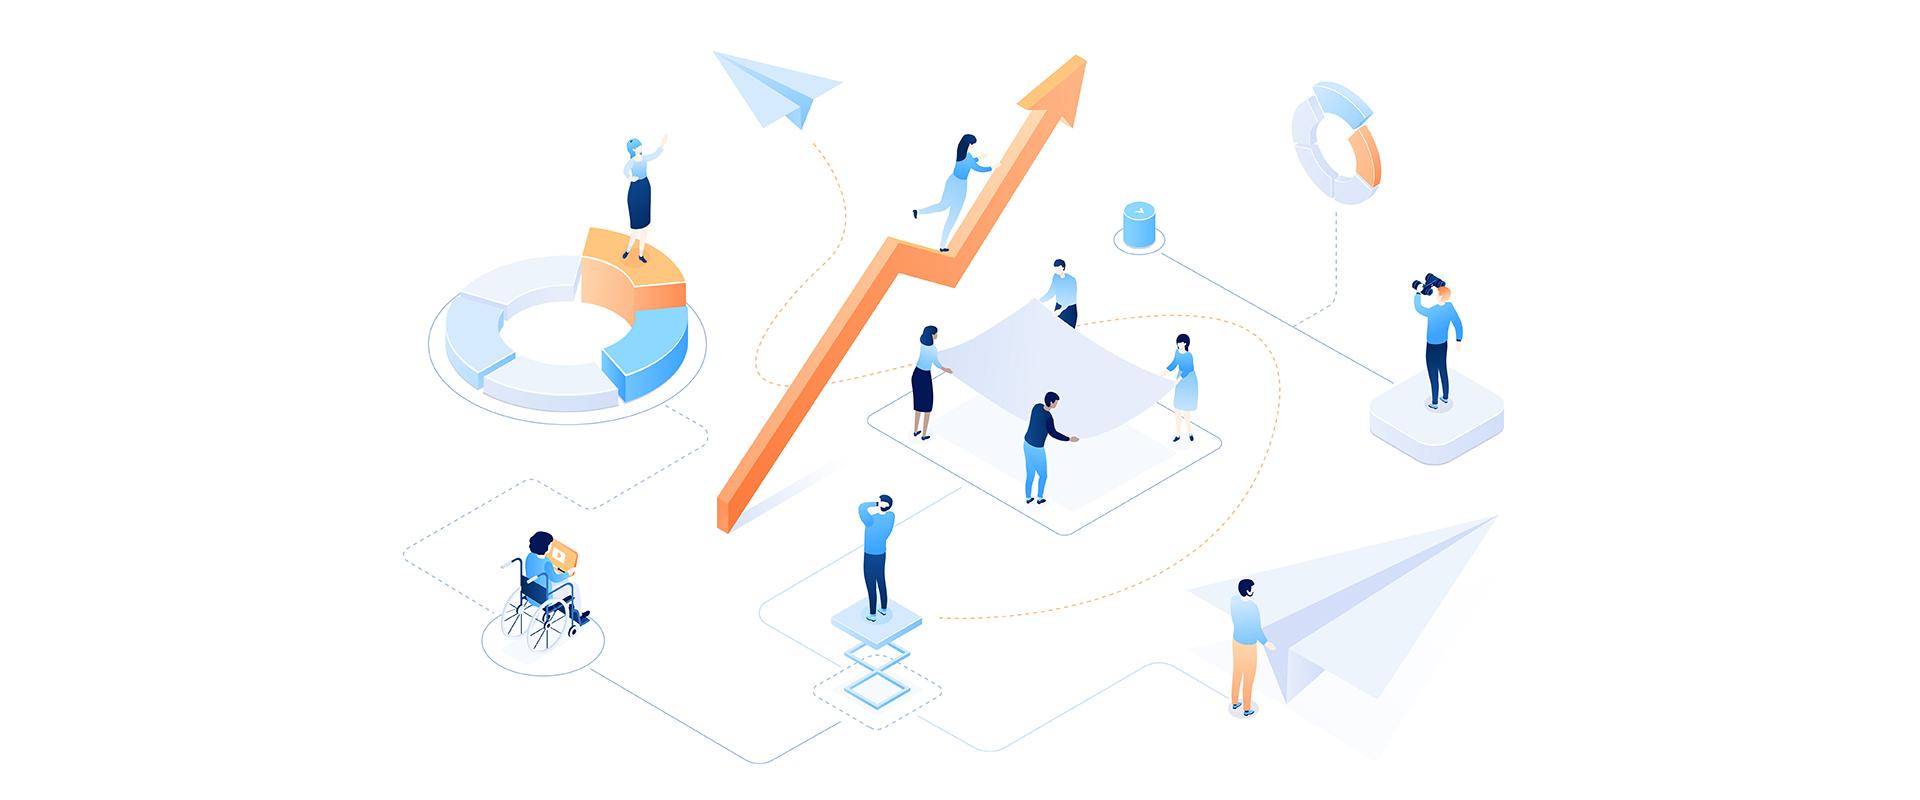 graphic entreprise graph people croissance